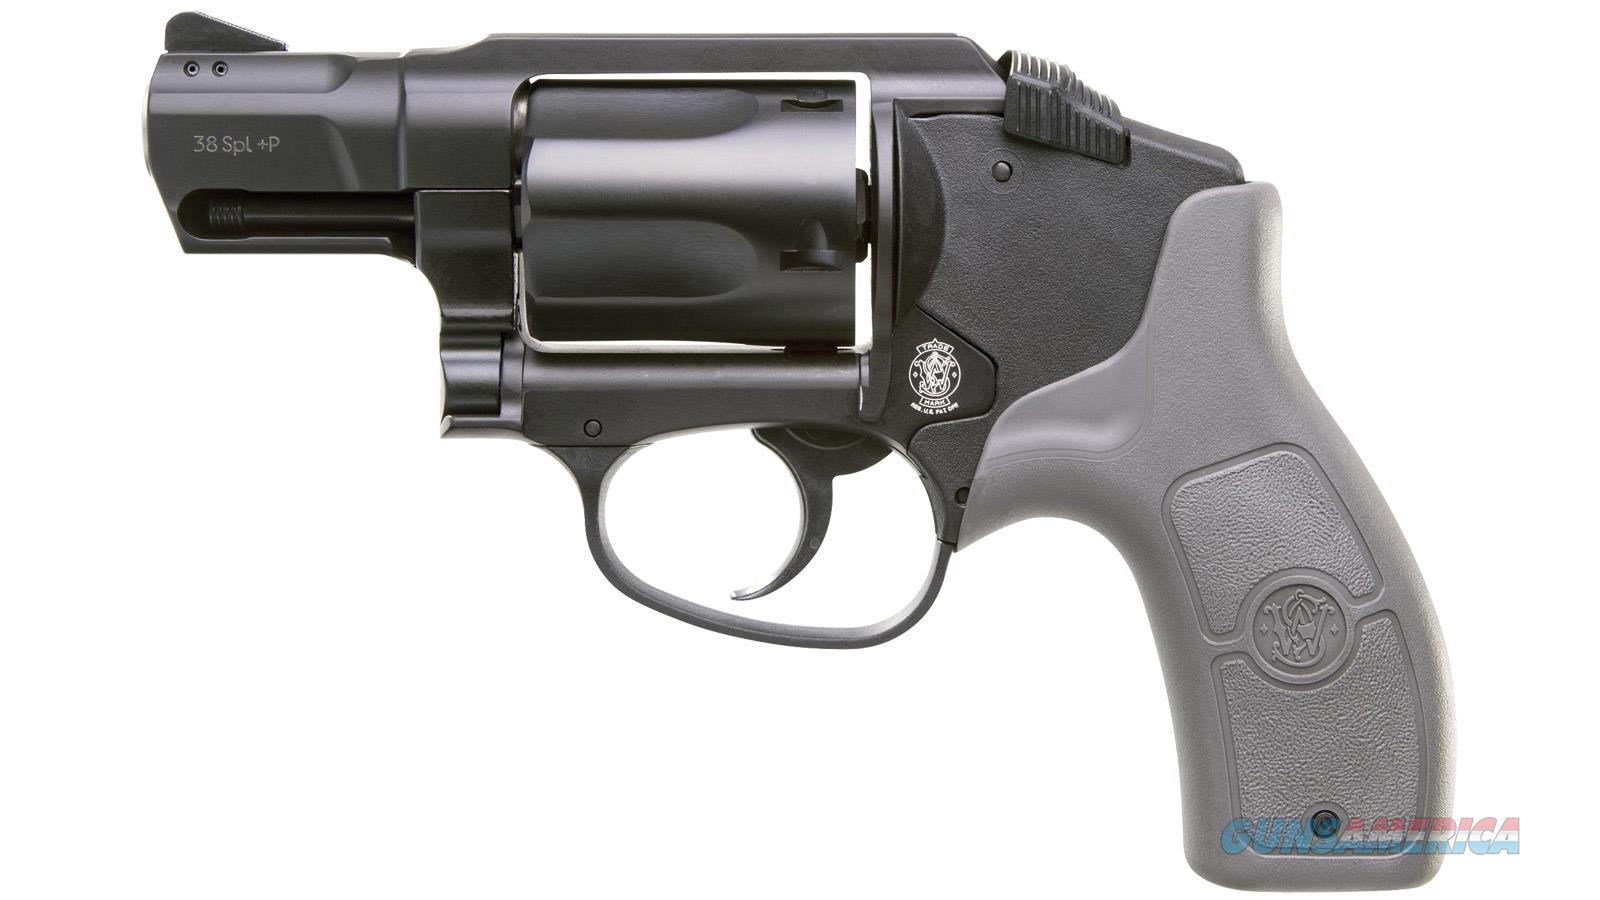 Smith & Wesson M&P Bodyguard 38Spl+P 103039  Guns > Pistols > S Misc Pistols